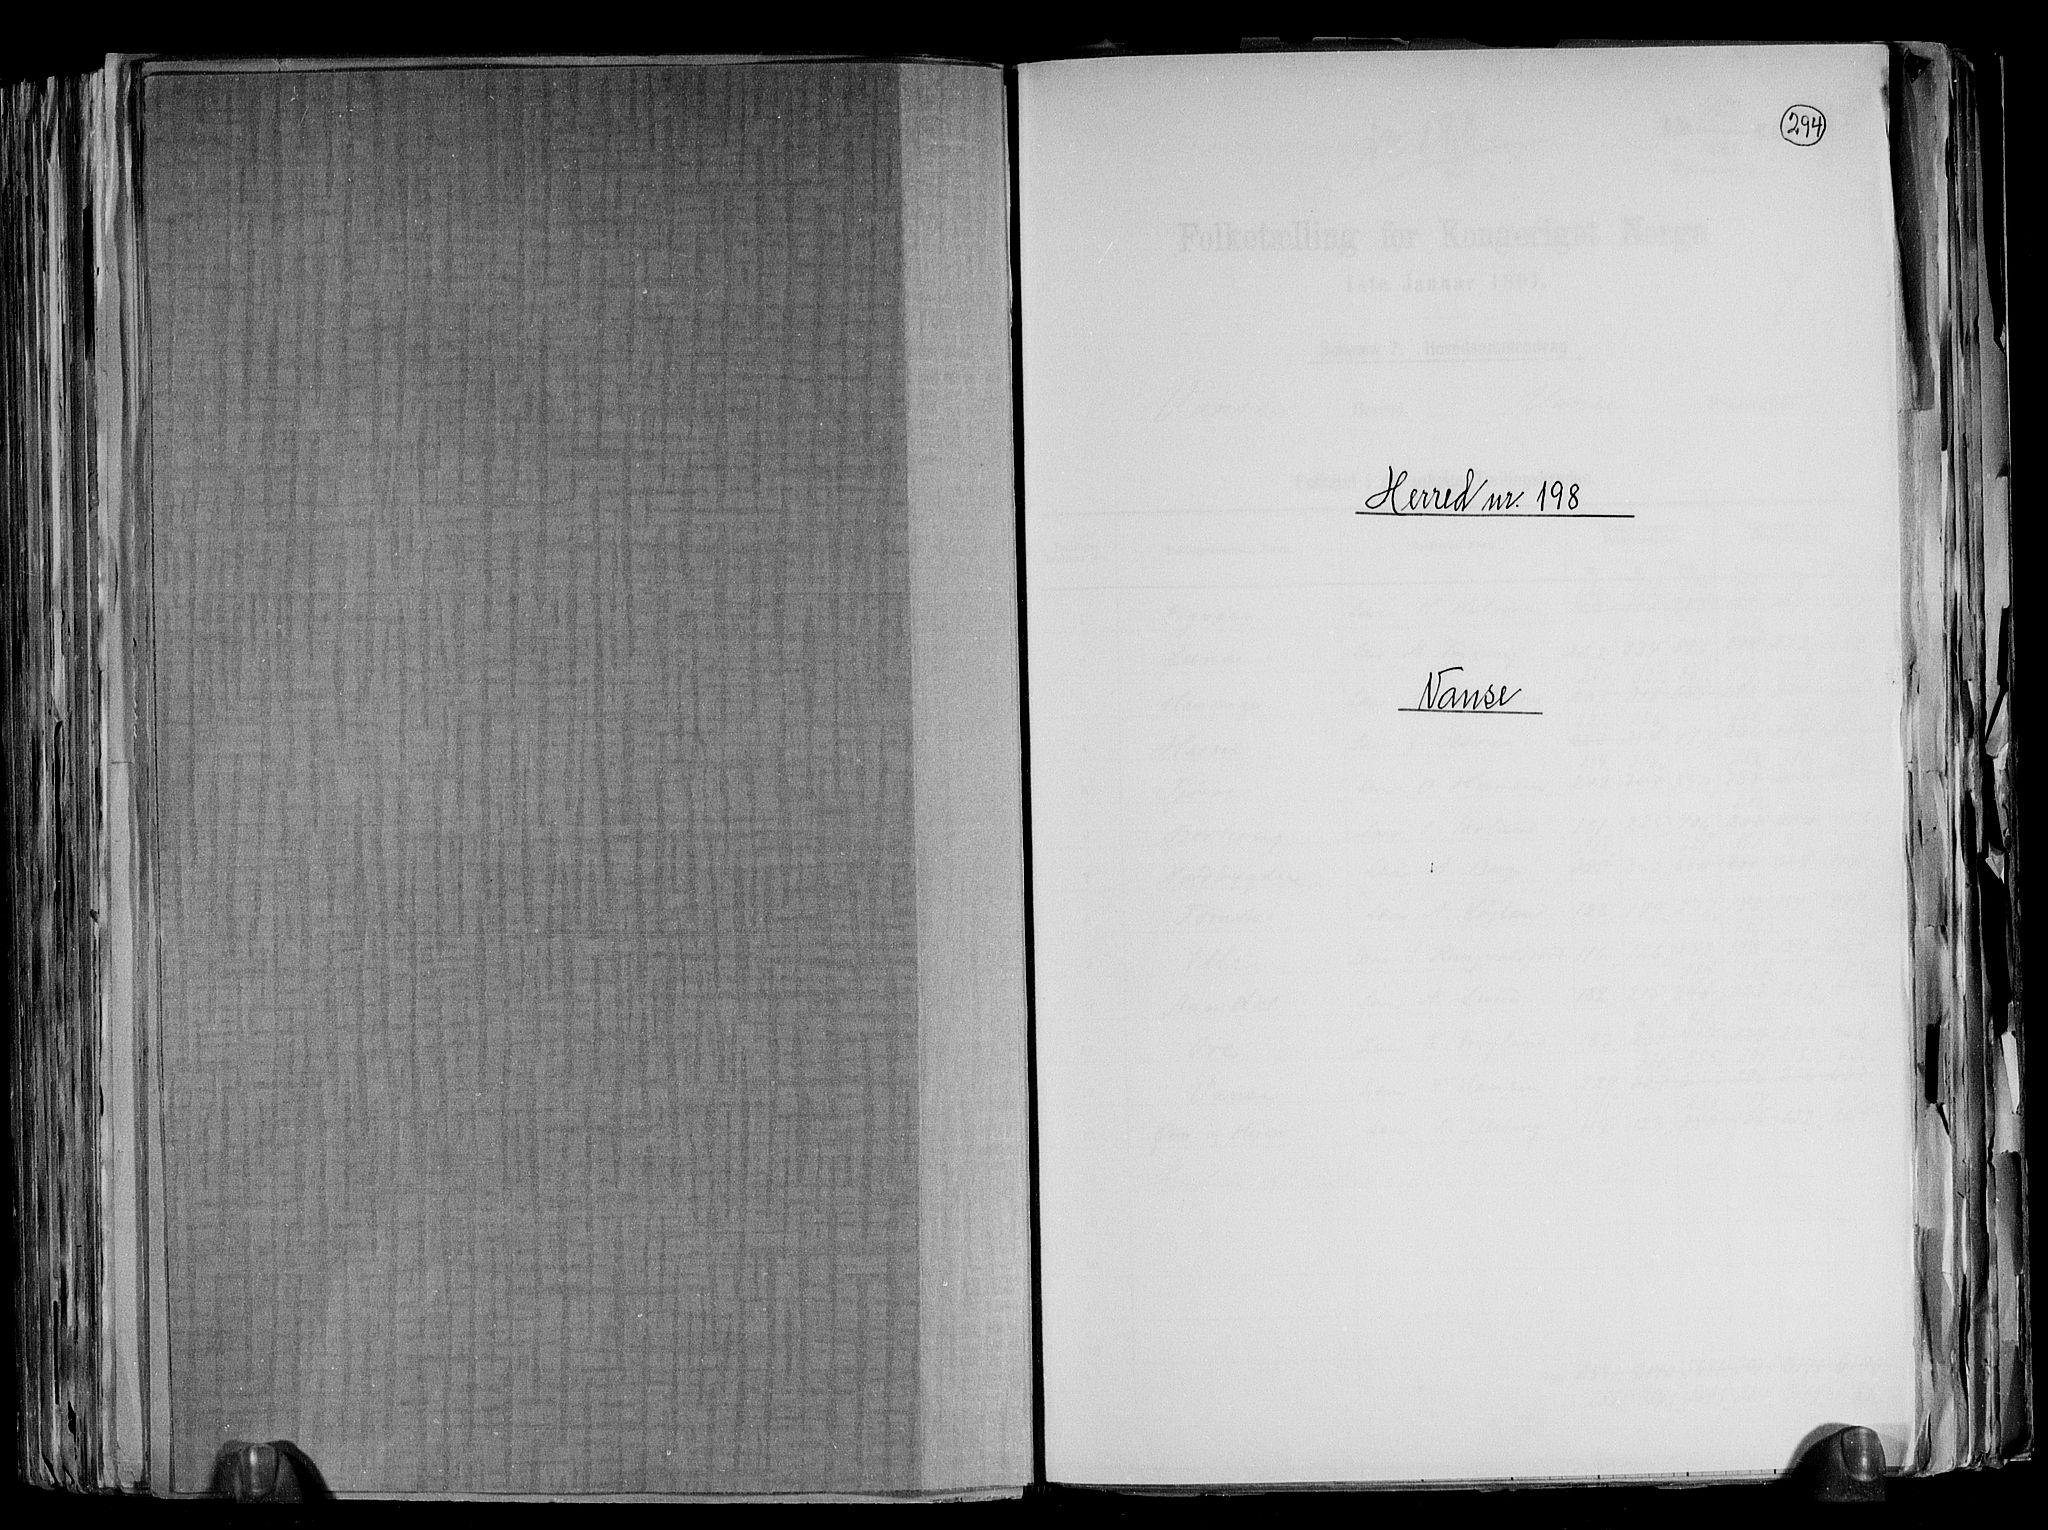 RA, Folketelling 1891 for 1041 Vanse herred, 1891, s. 1